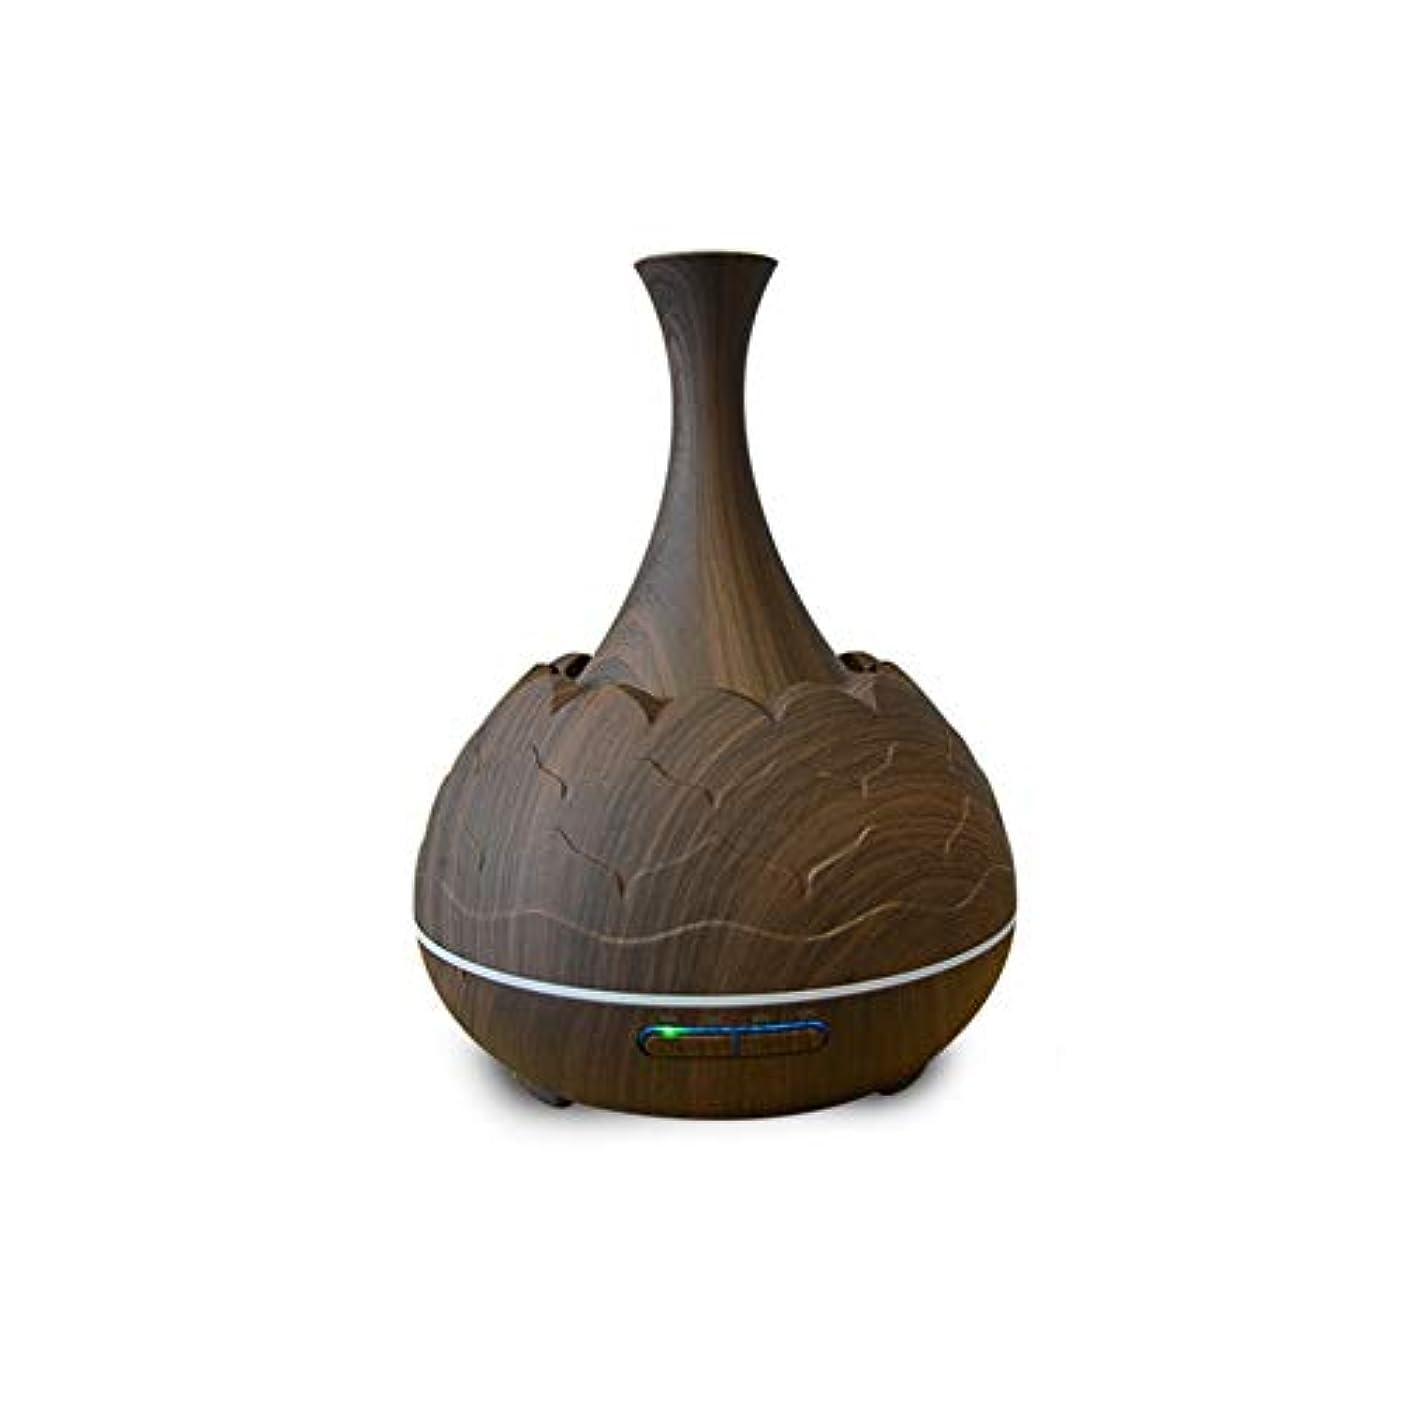 冗談で命令ボトルネック木目 霧 香り 精油 ディフューザー,7 色 空気を浄化 加湿器 時間 手動 Wifiアプリコントロール 加湿機 ホーム Yoga- 400ml